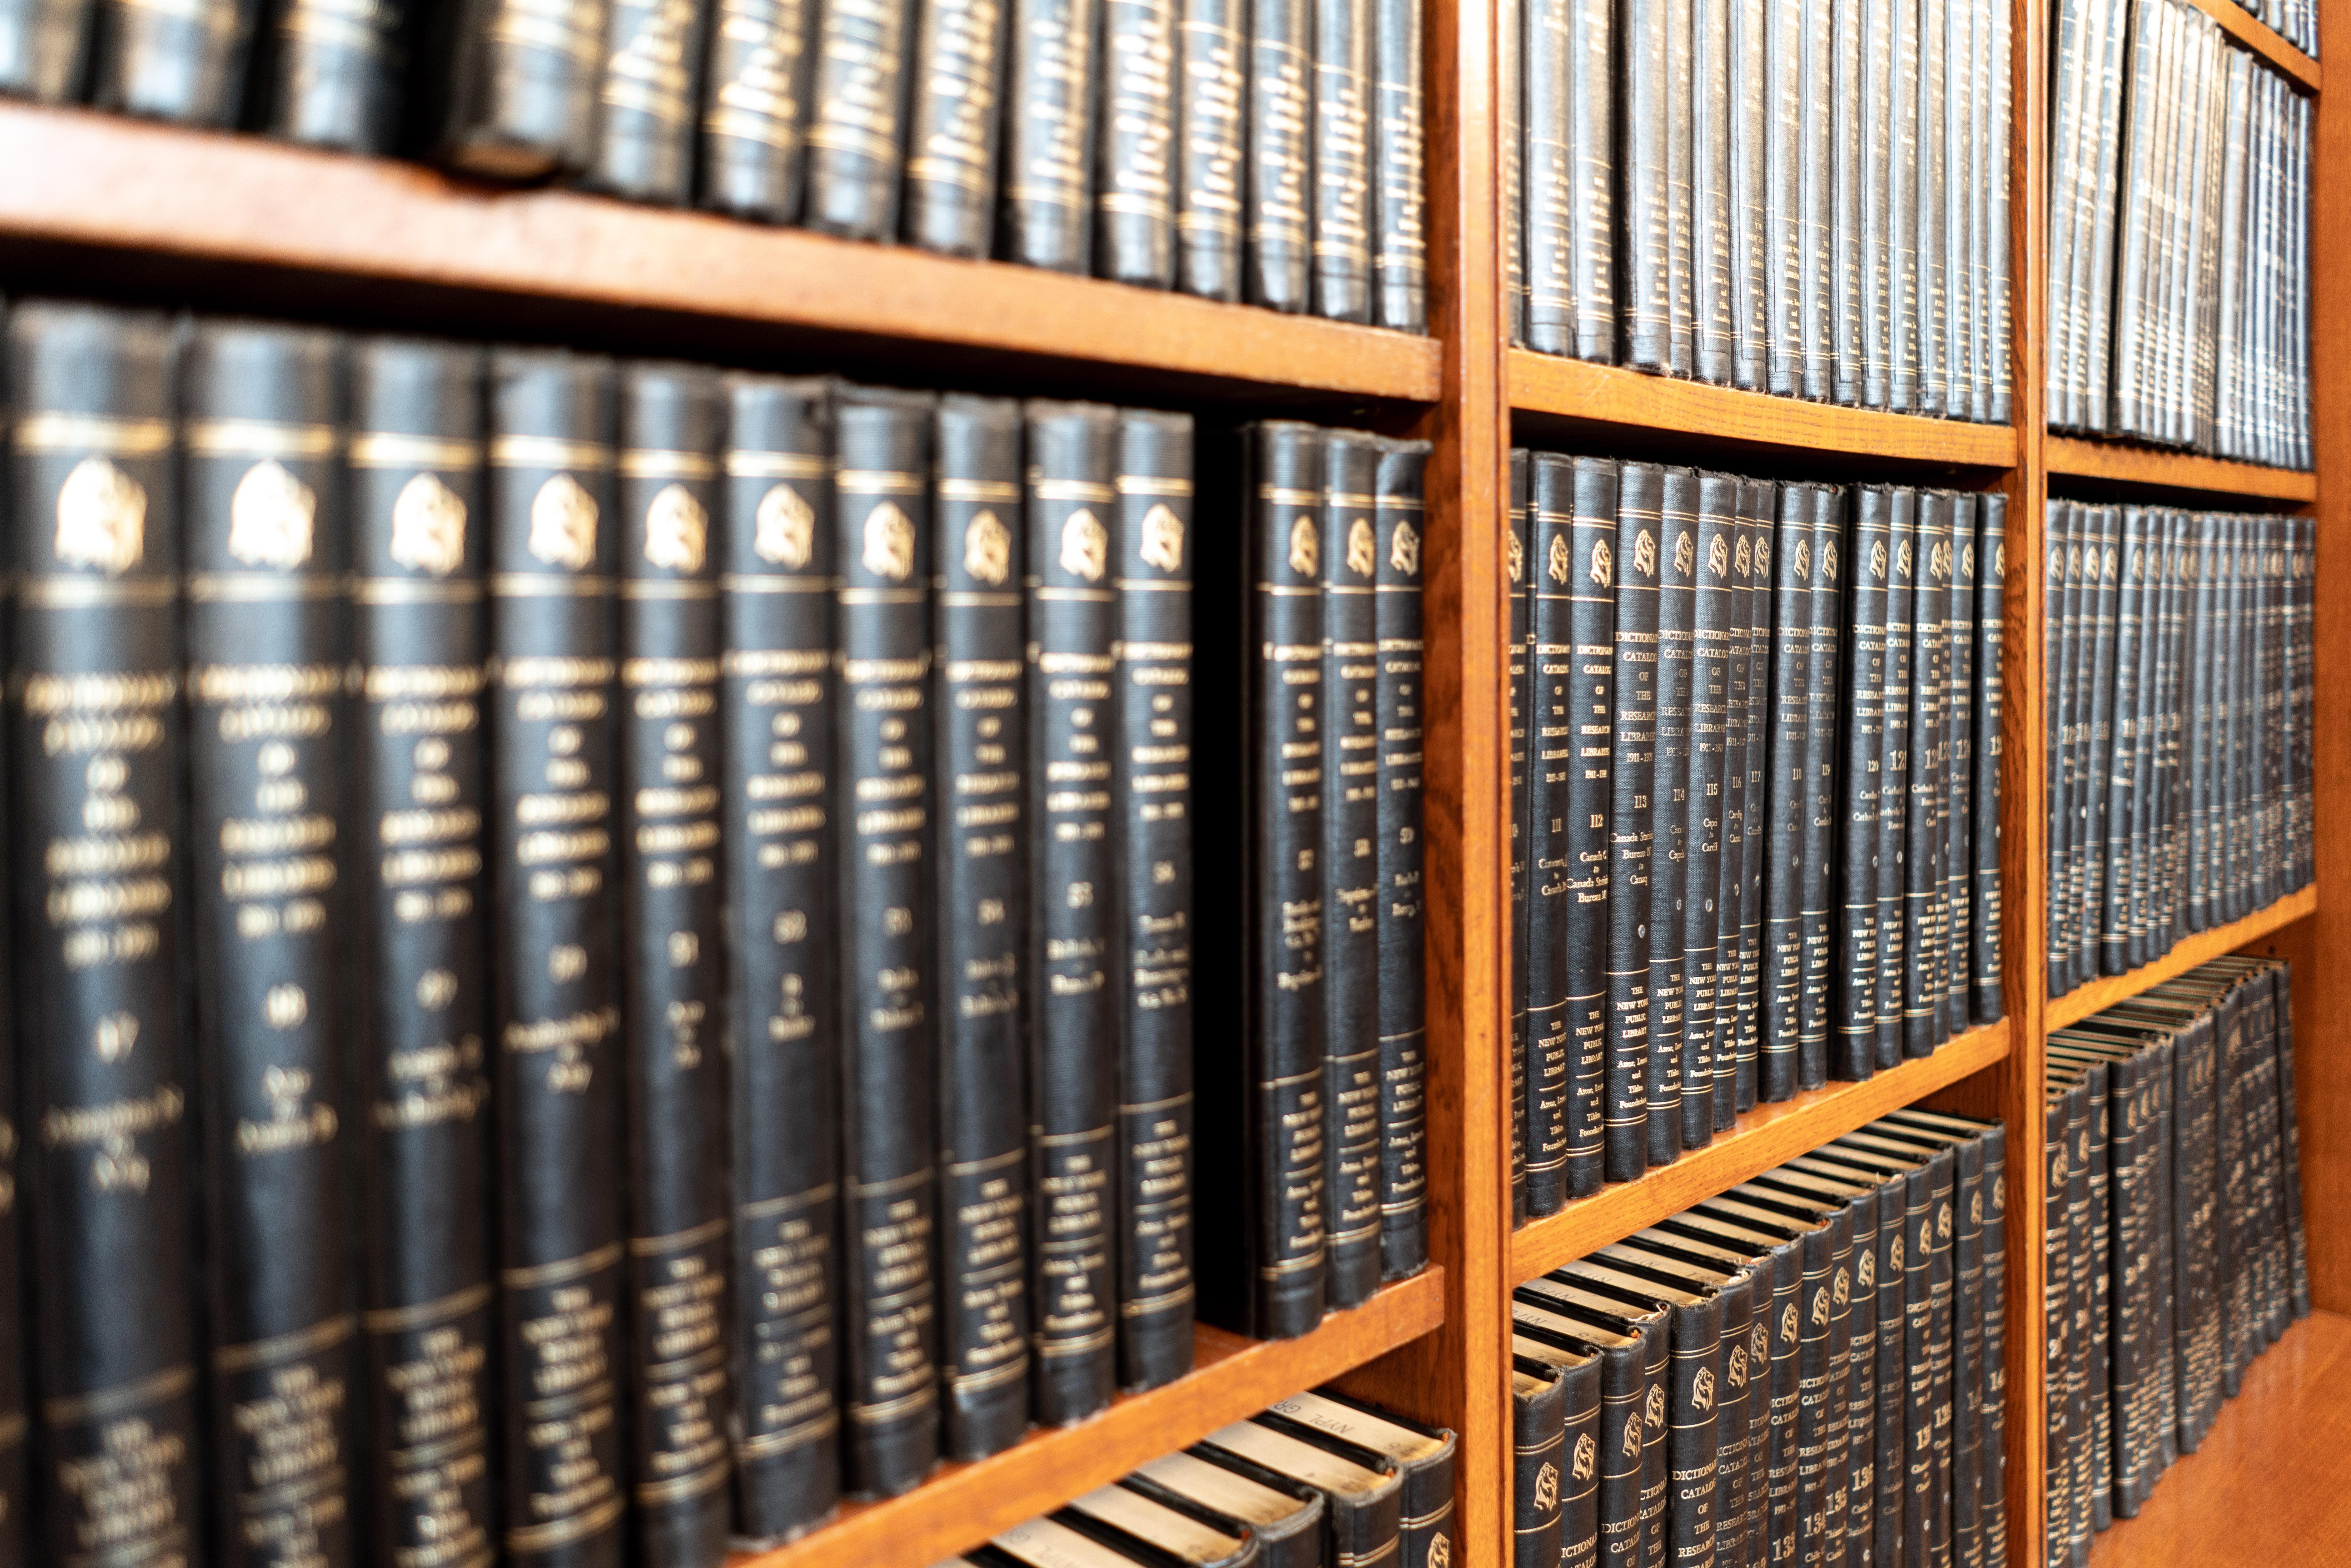 shelves of books on library shelf